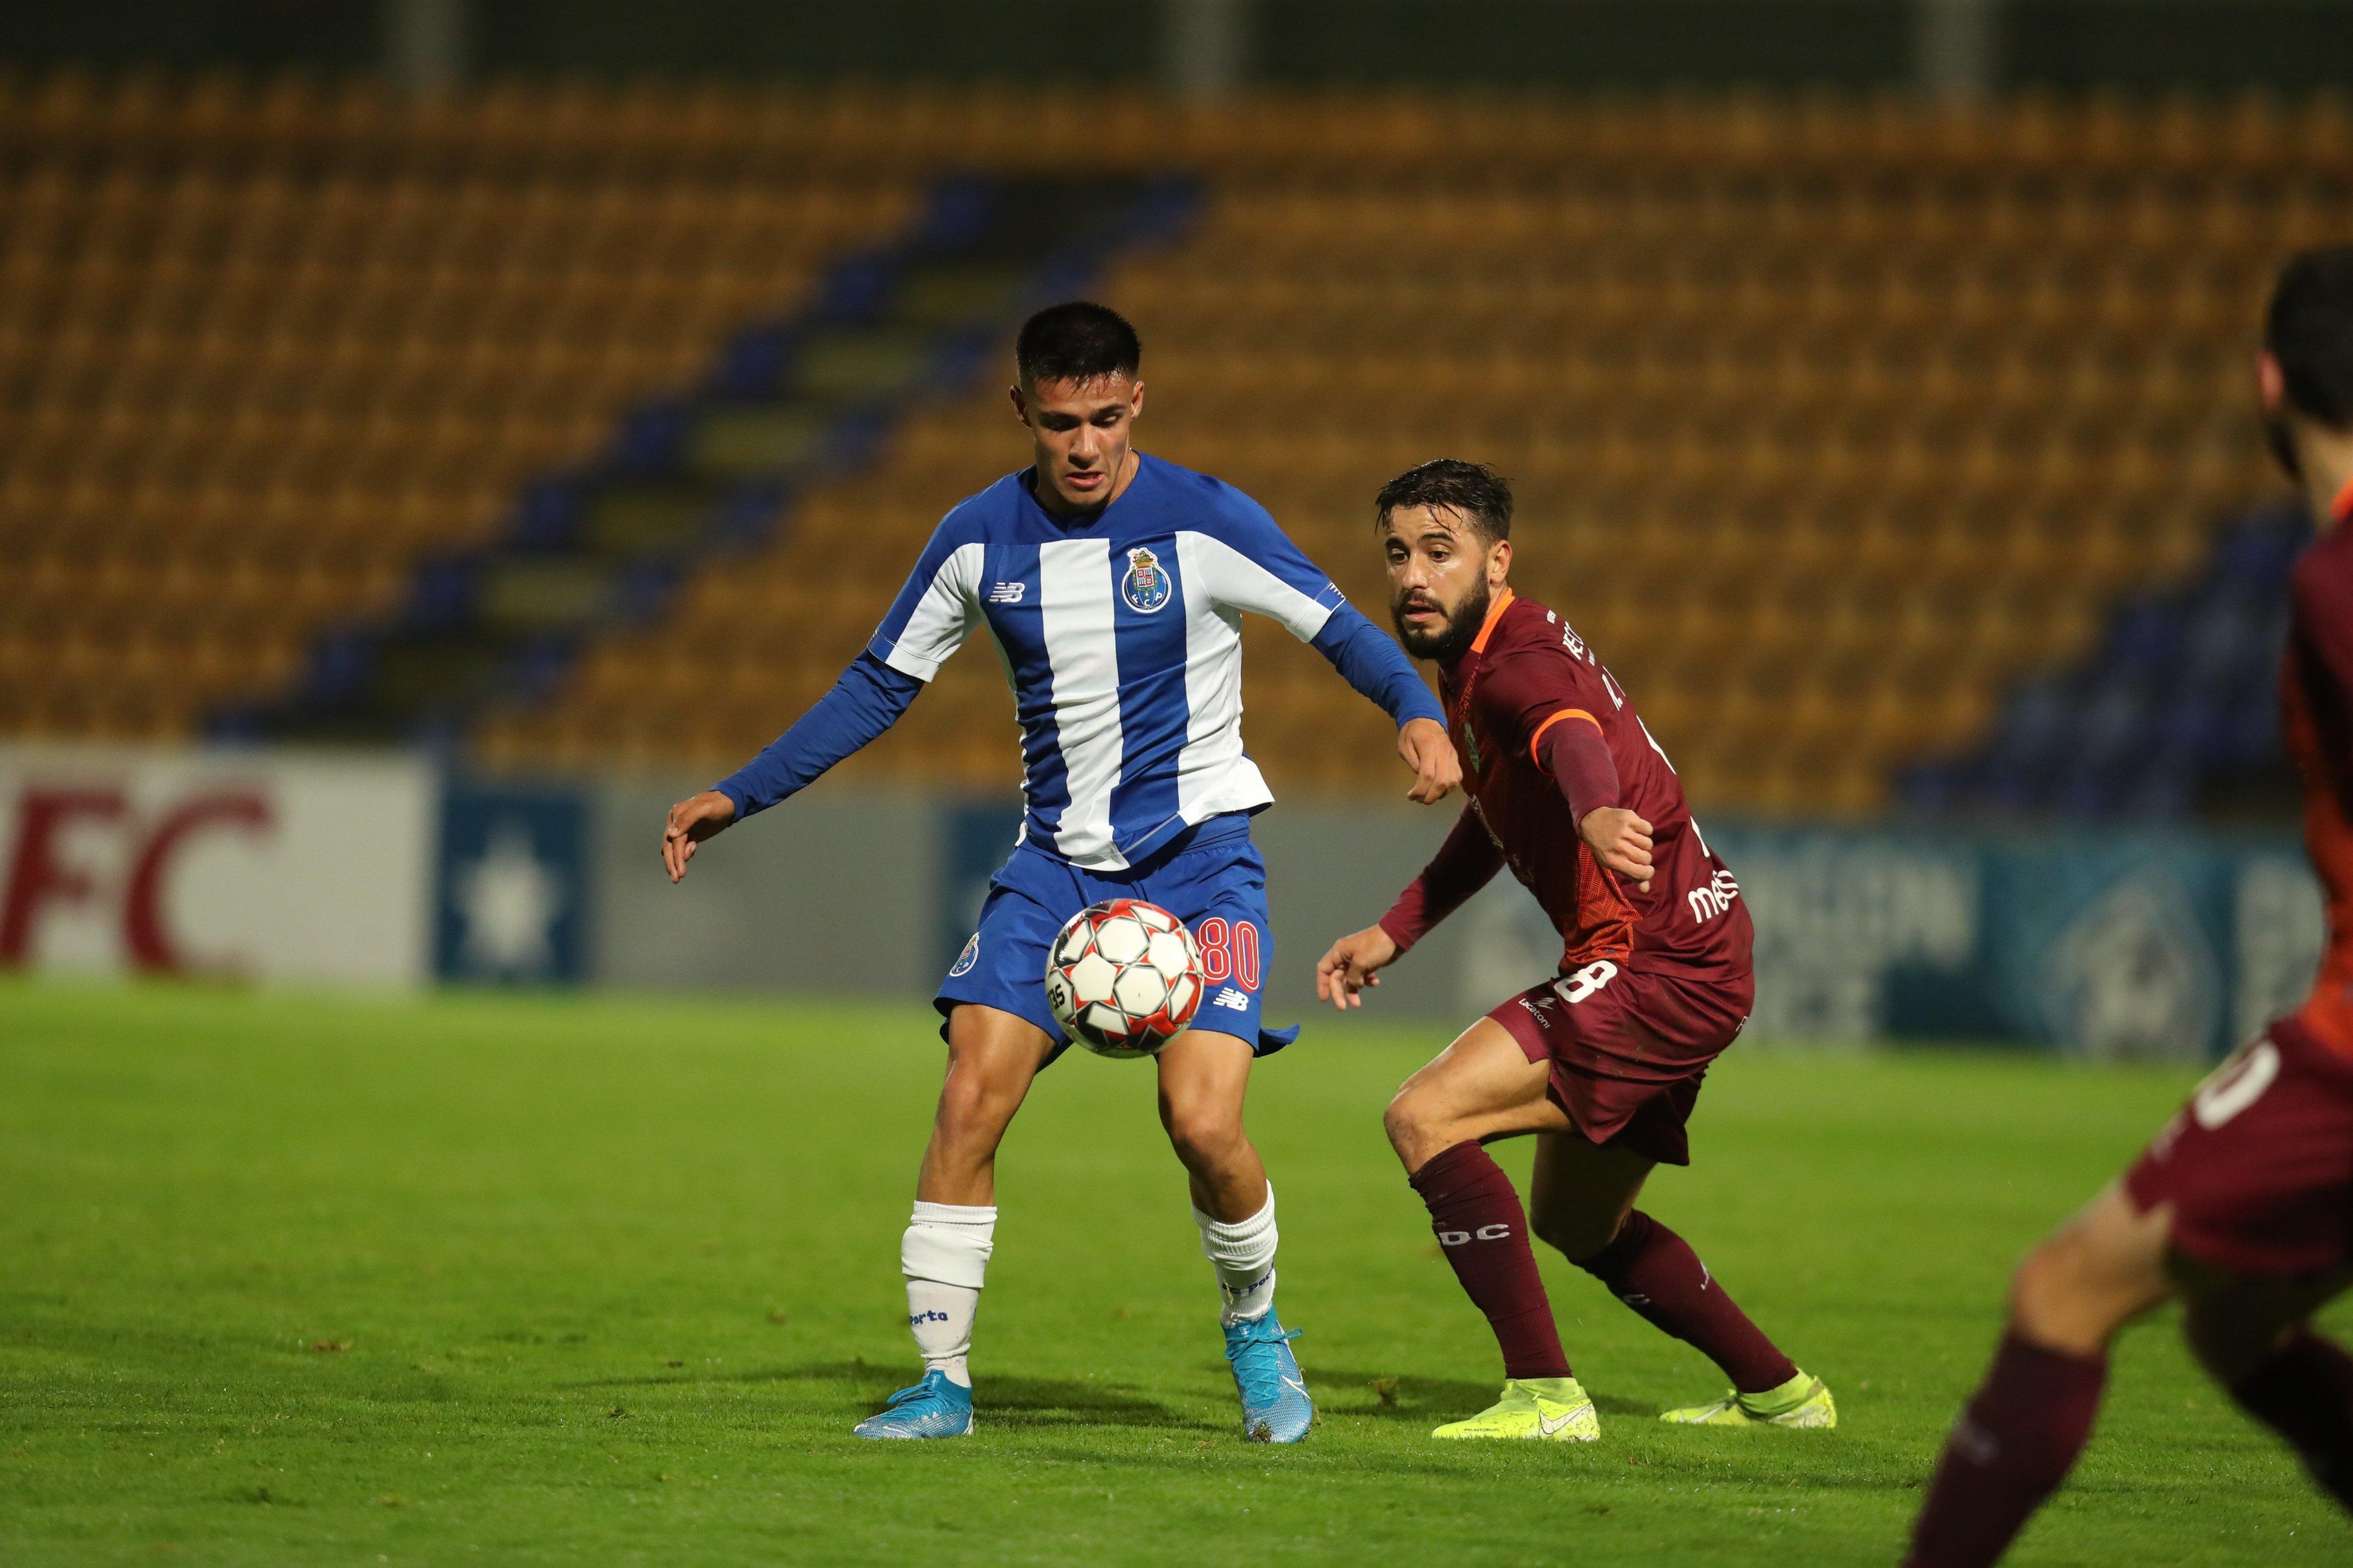 Penalti aos 93' evita derrota do FC Porto B na receção ao Desportivo de Chaves